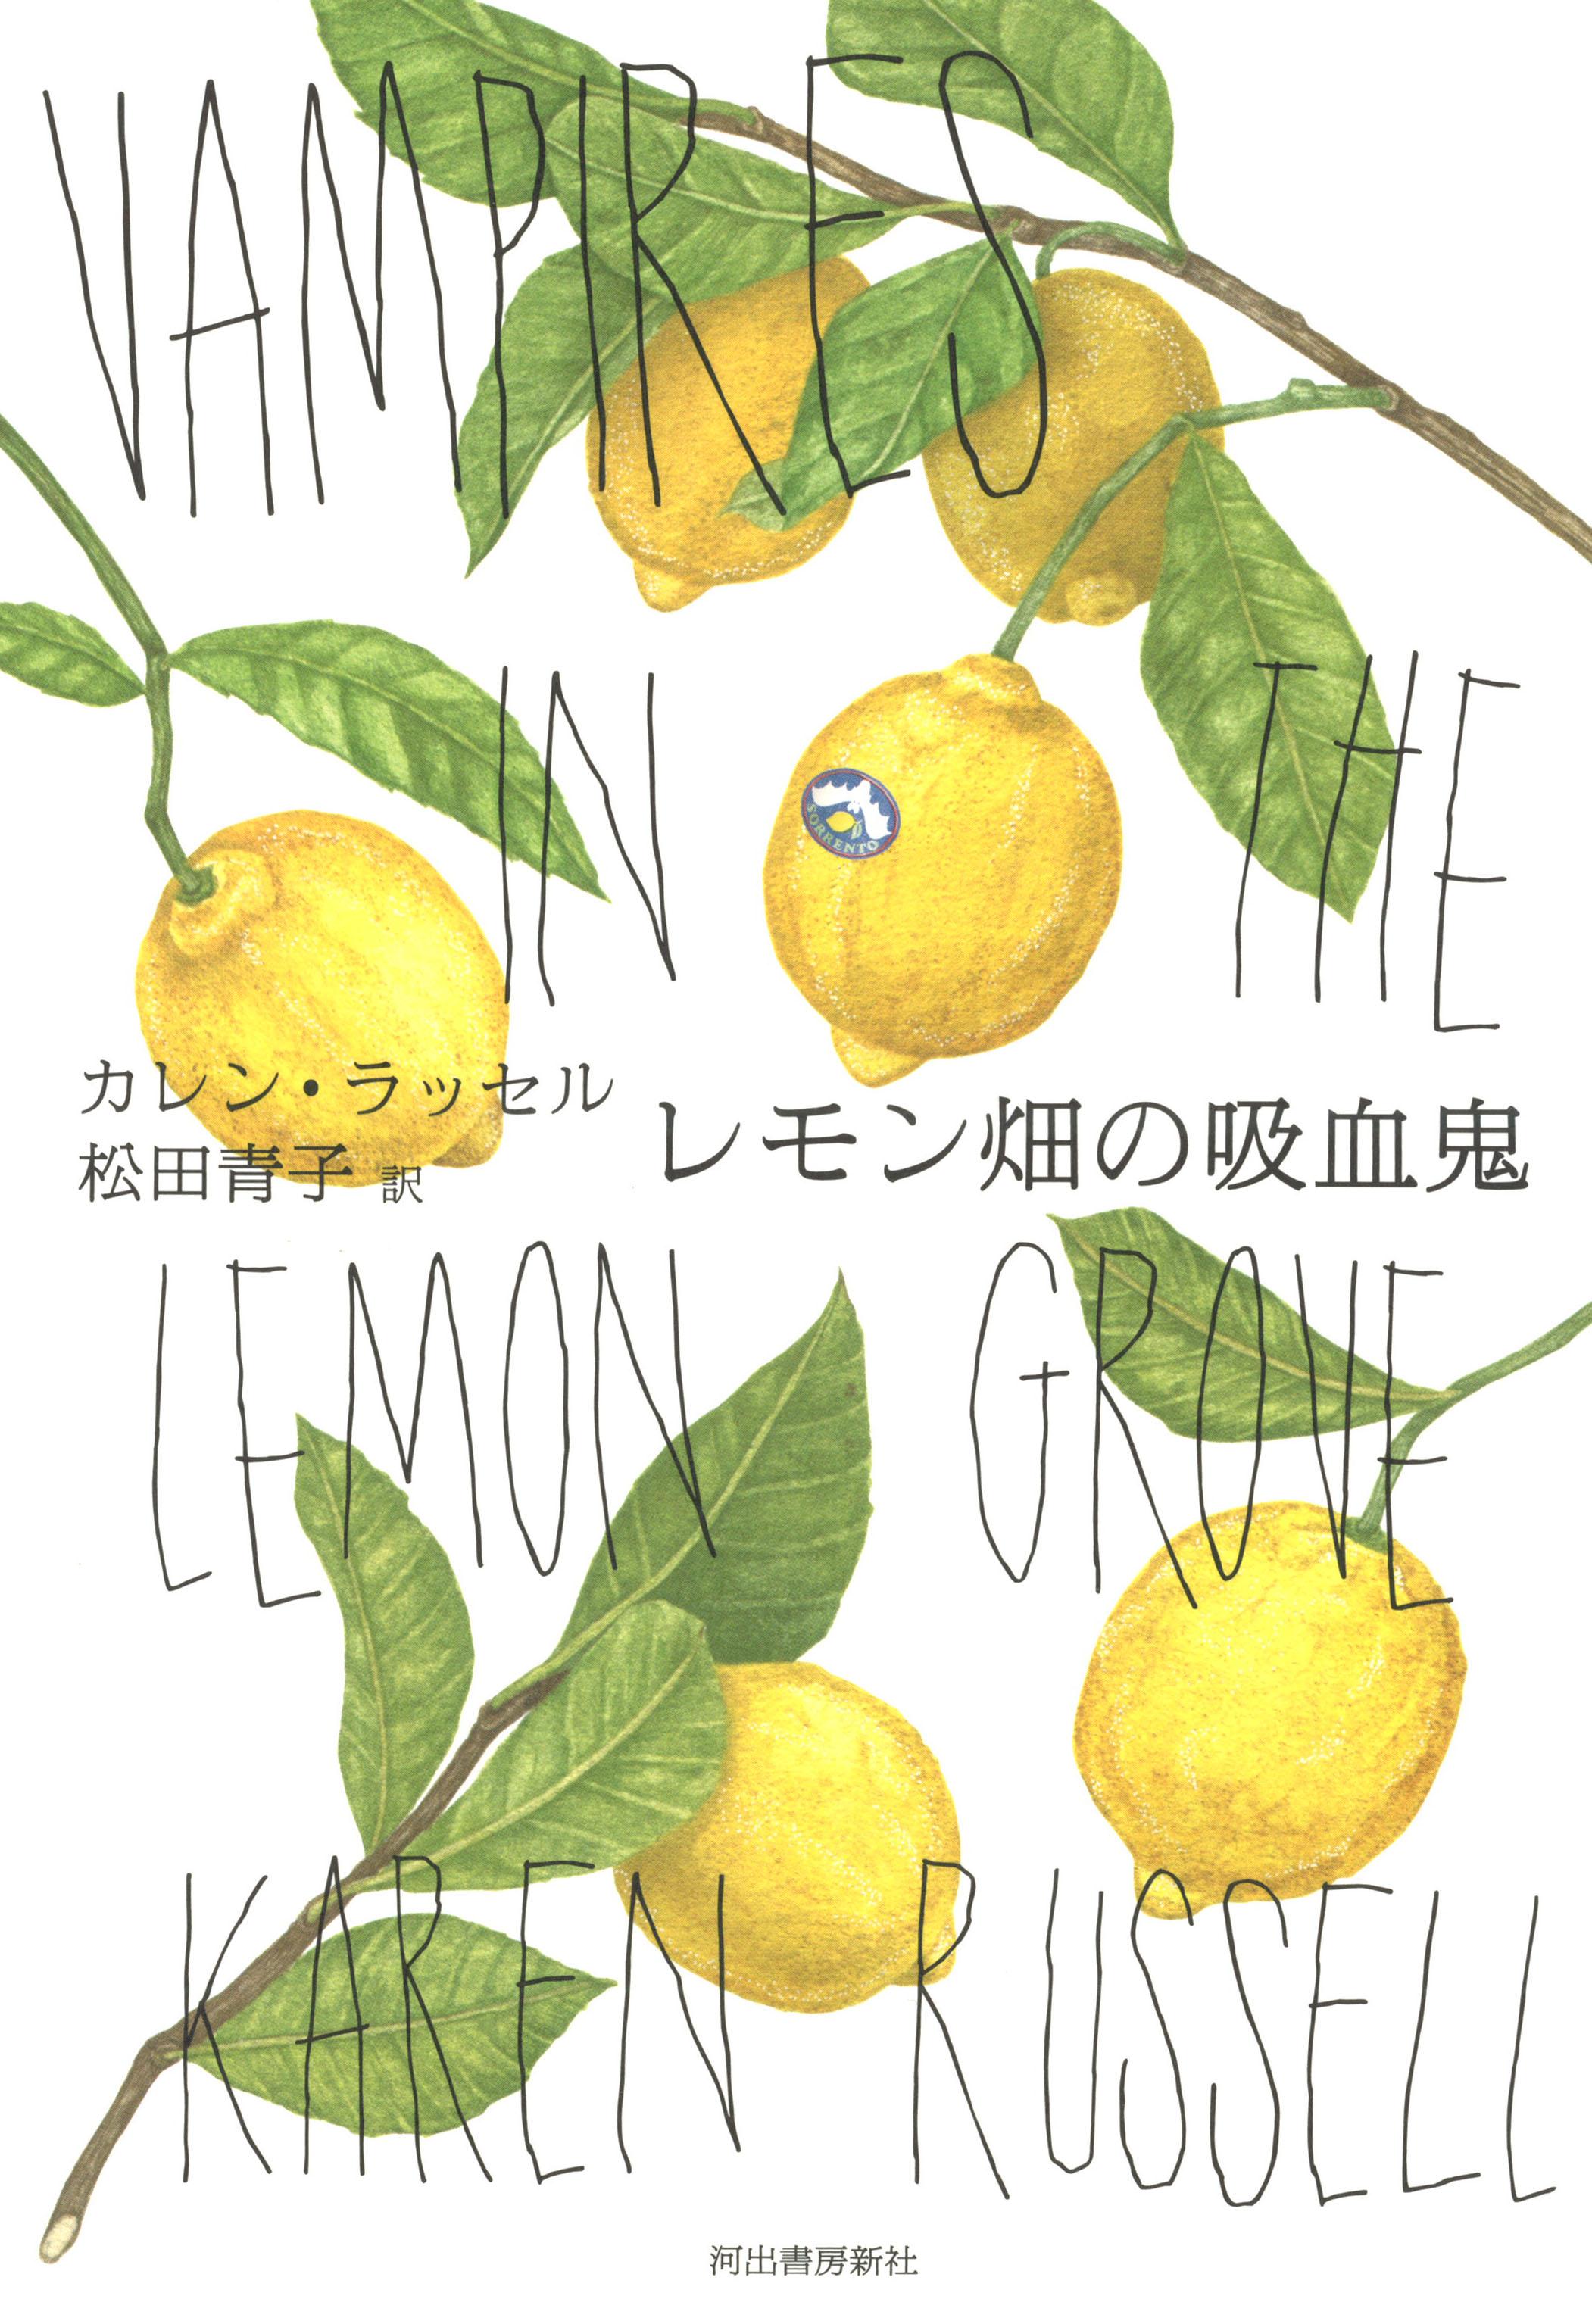 『レモン畑の吸血鬼』カレン・ラッセル 松田青子訳